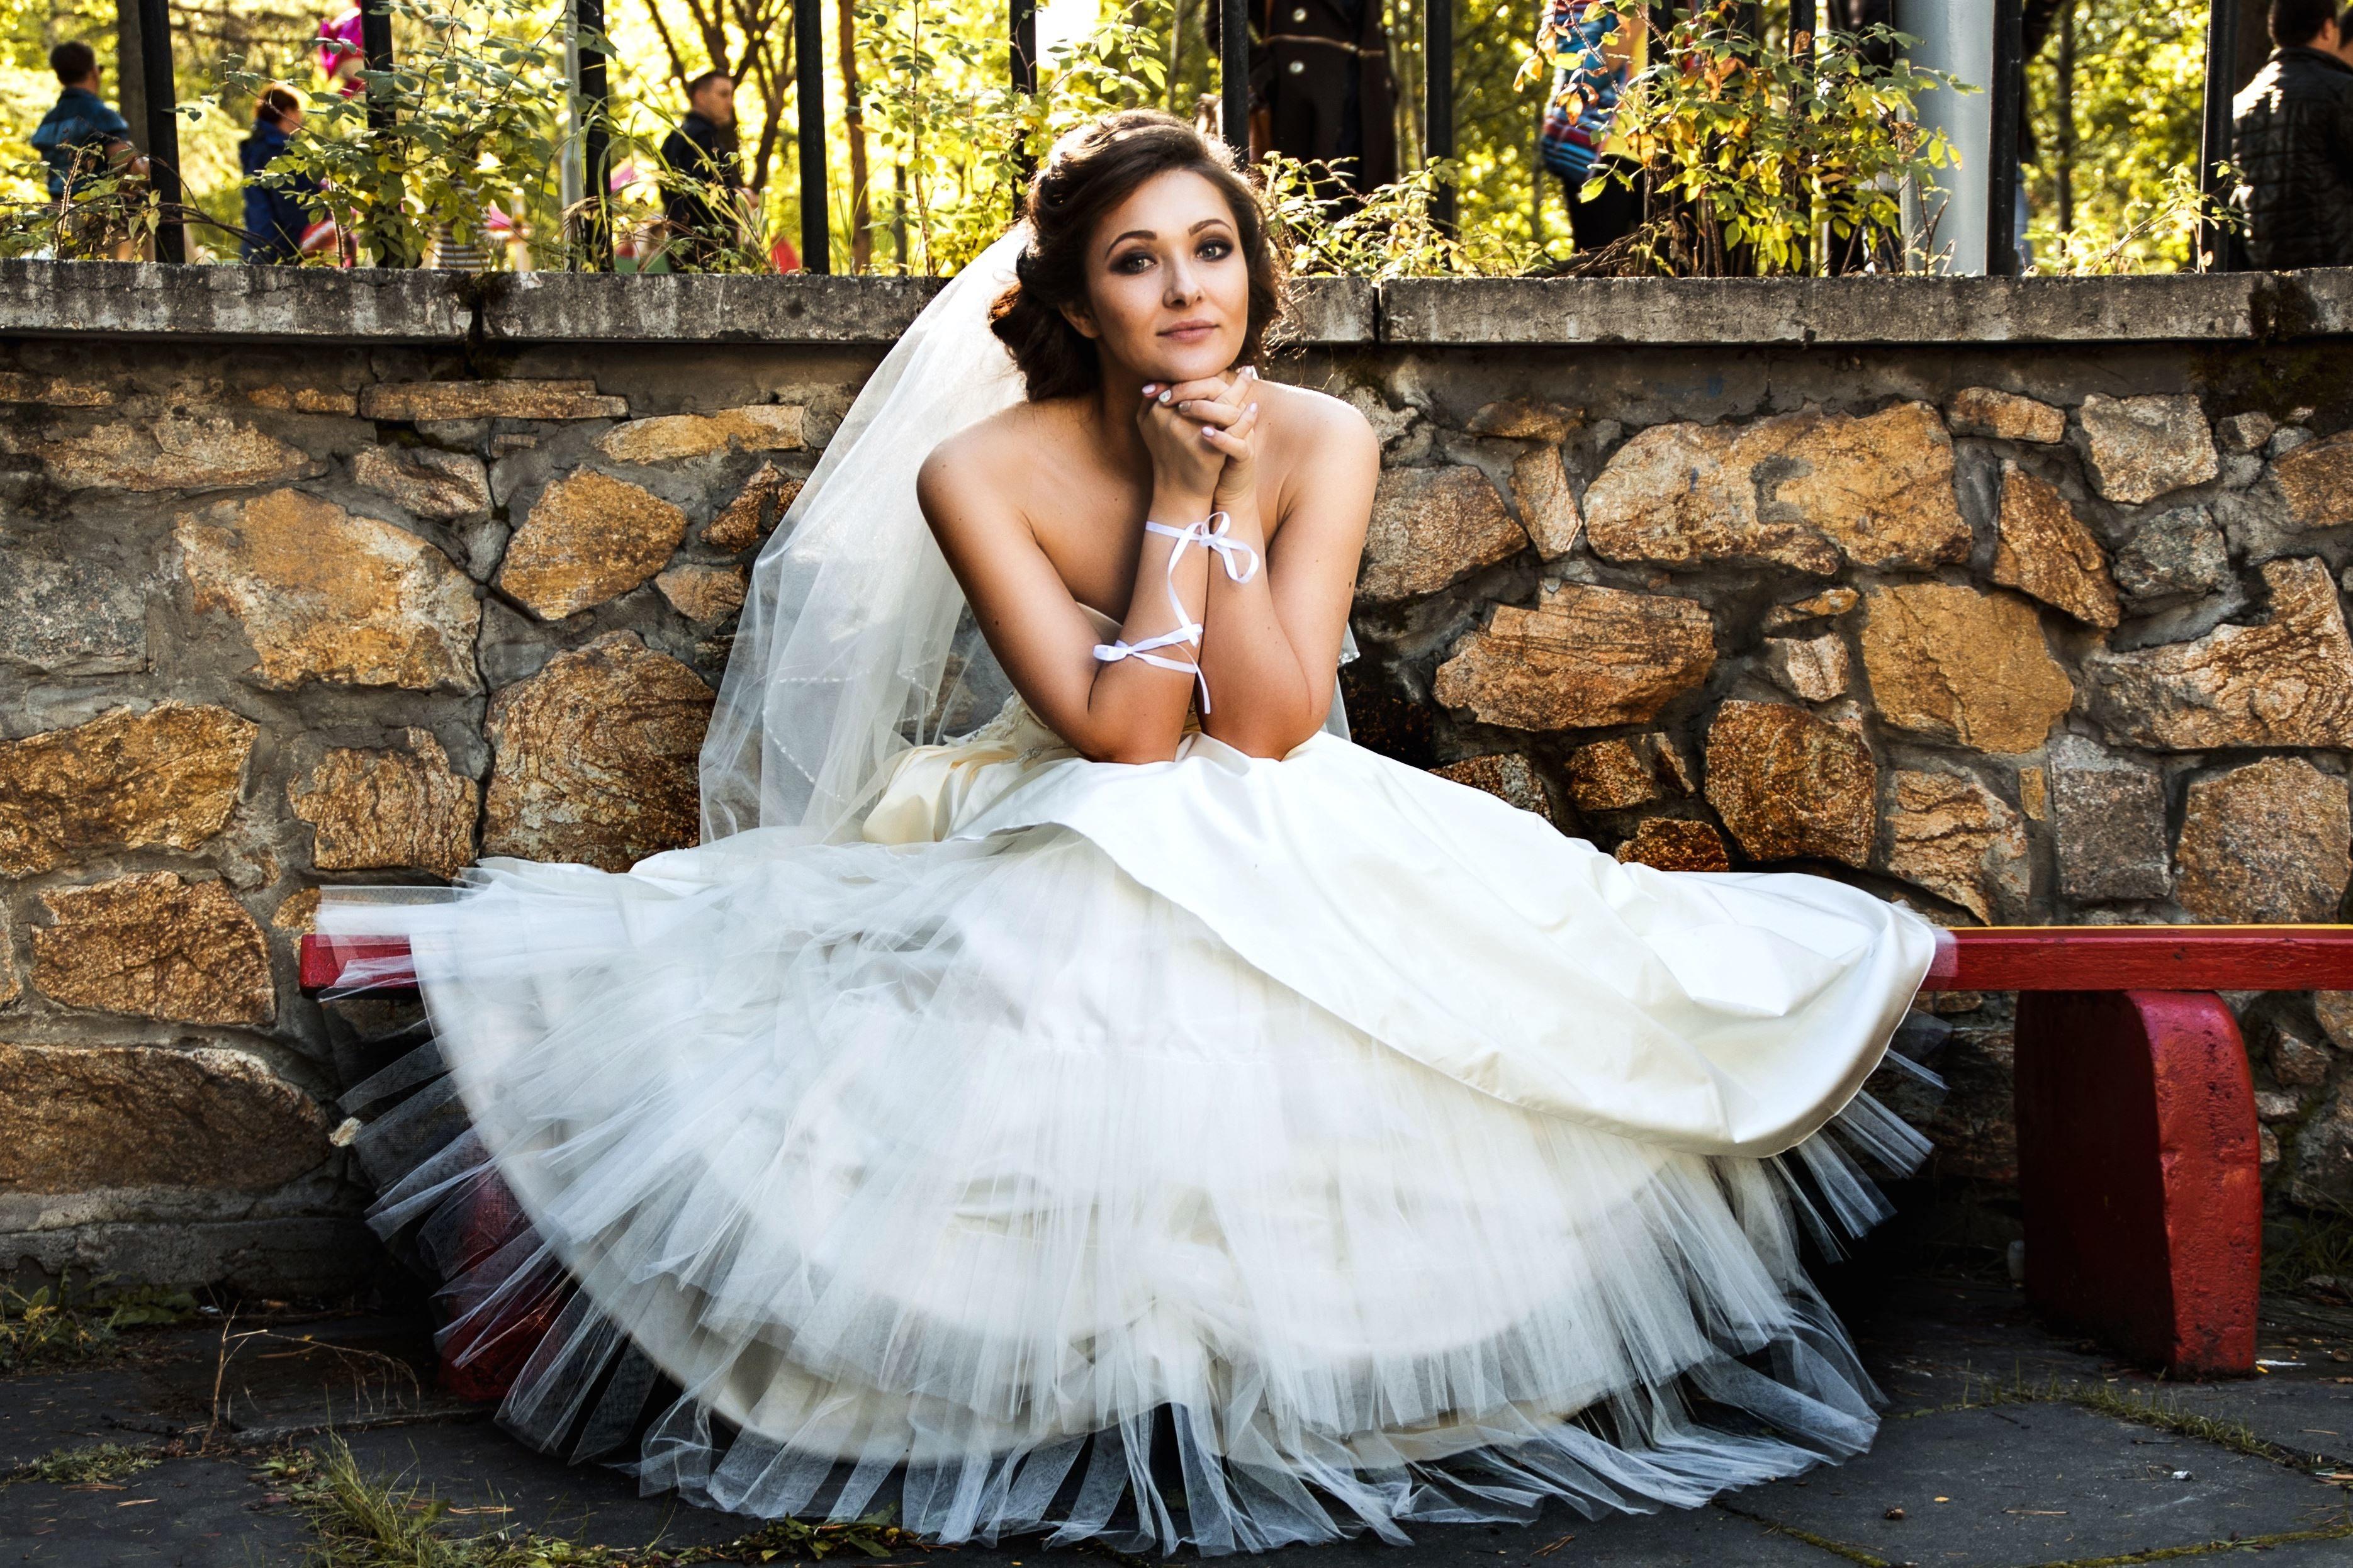 Kostenlose Bild: Hochzeitskleid, Braut, weißes Kleid, eine Frau ...